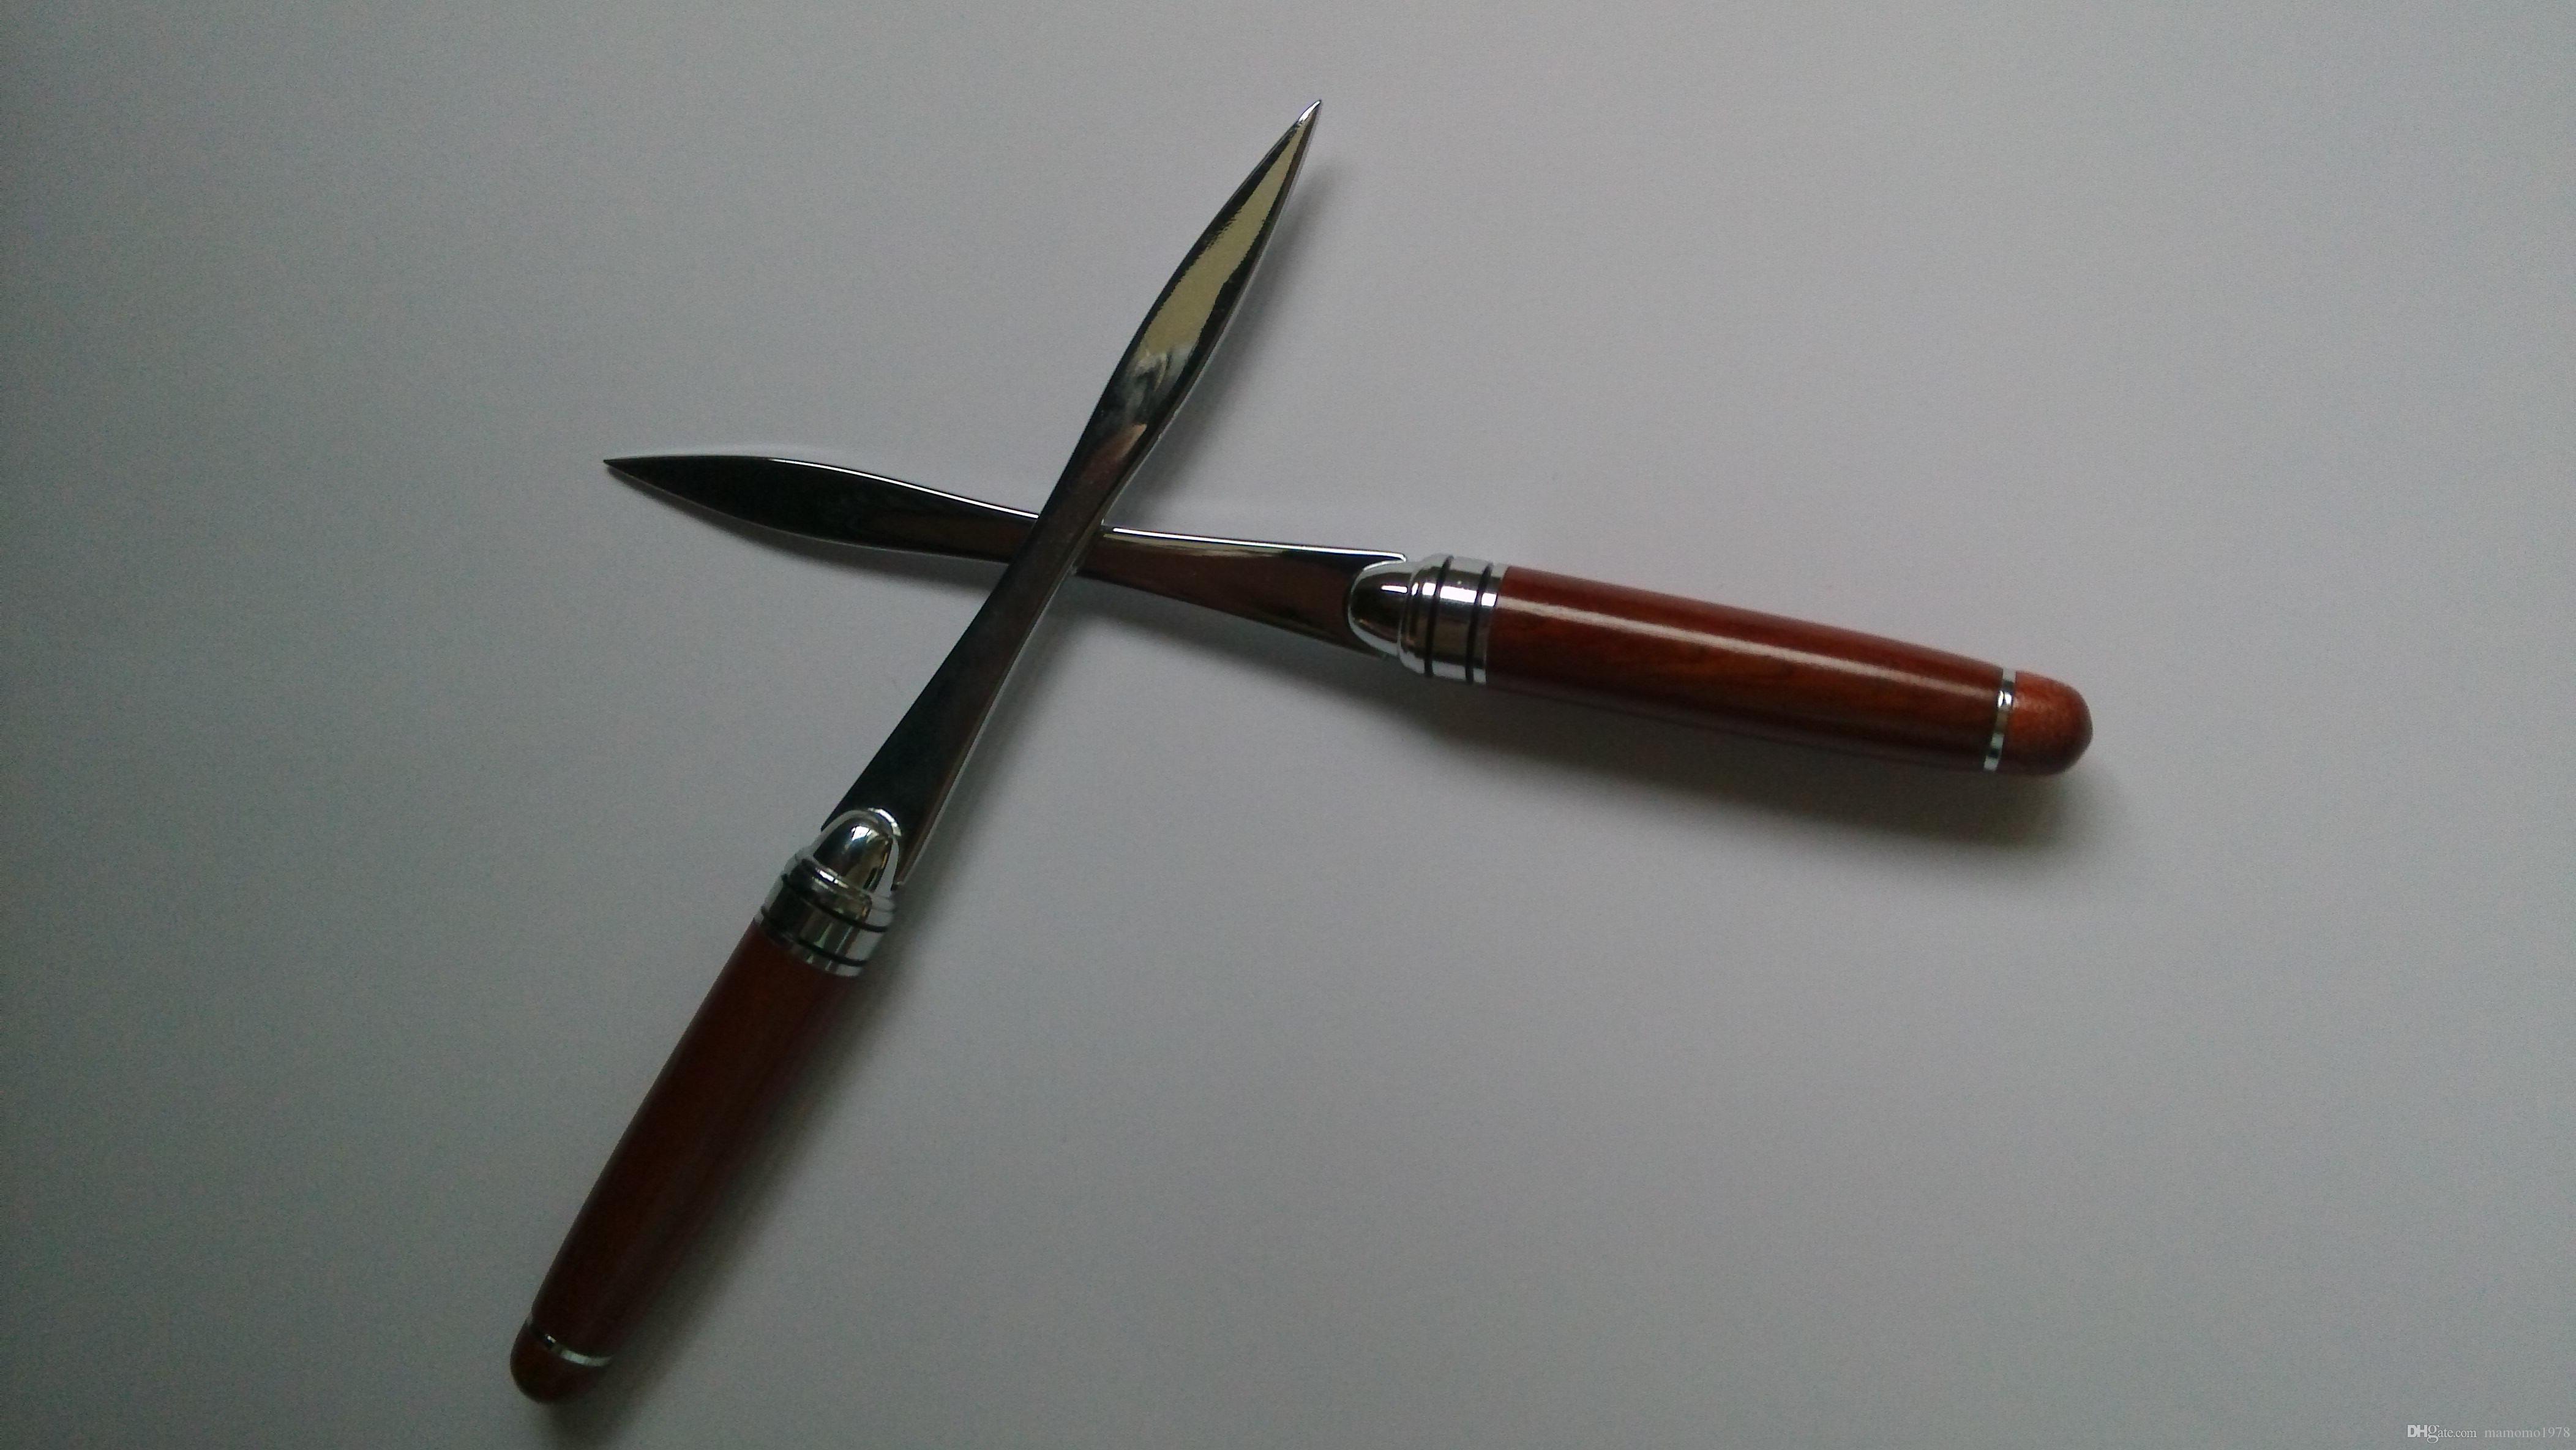 1 UNID de acero inoxidable cuchillo de sobre cuchillo de papel abridor de letras con mango de metal rojo metal artesanía vendedor caliente P041